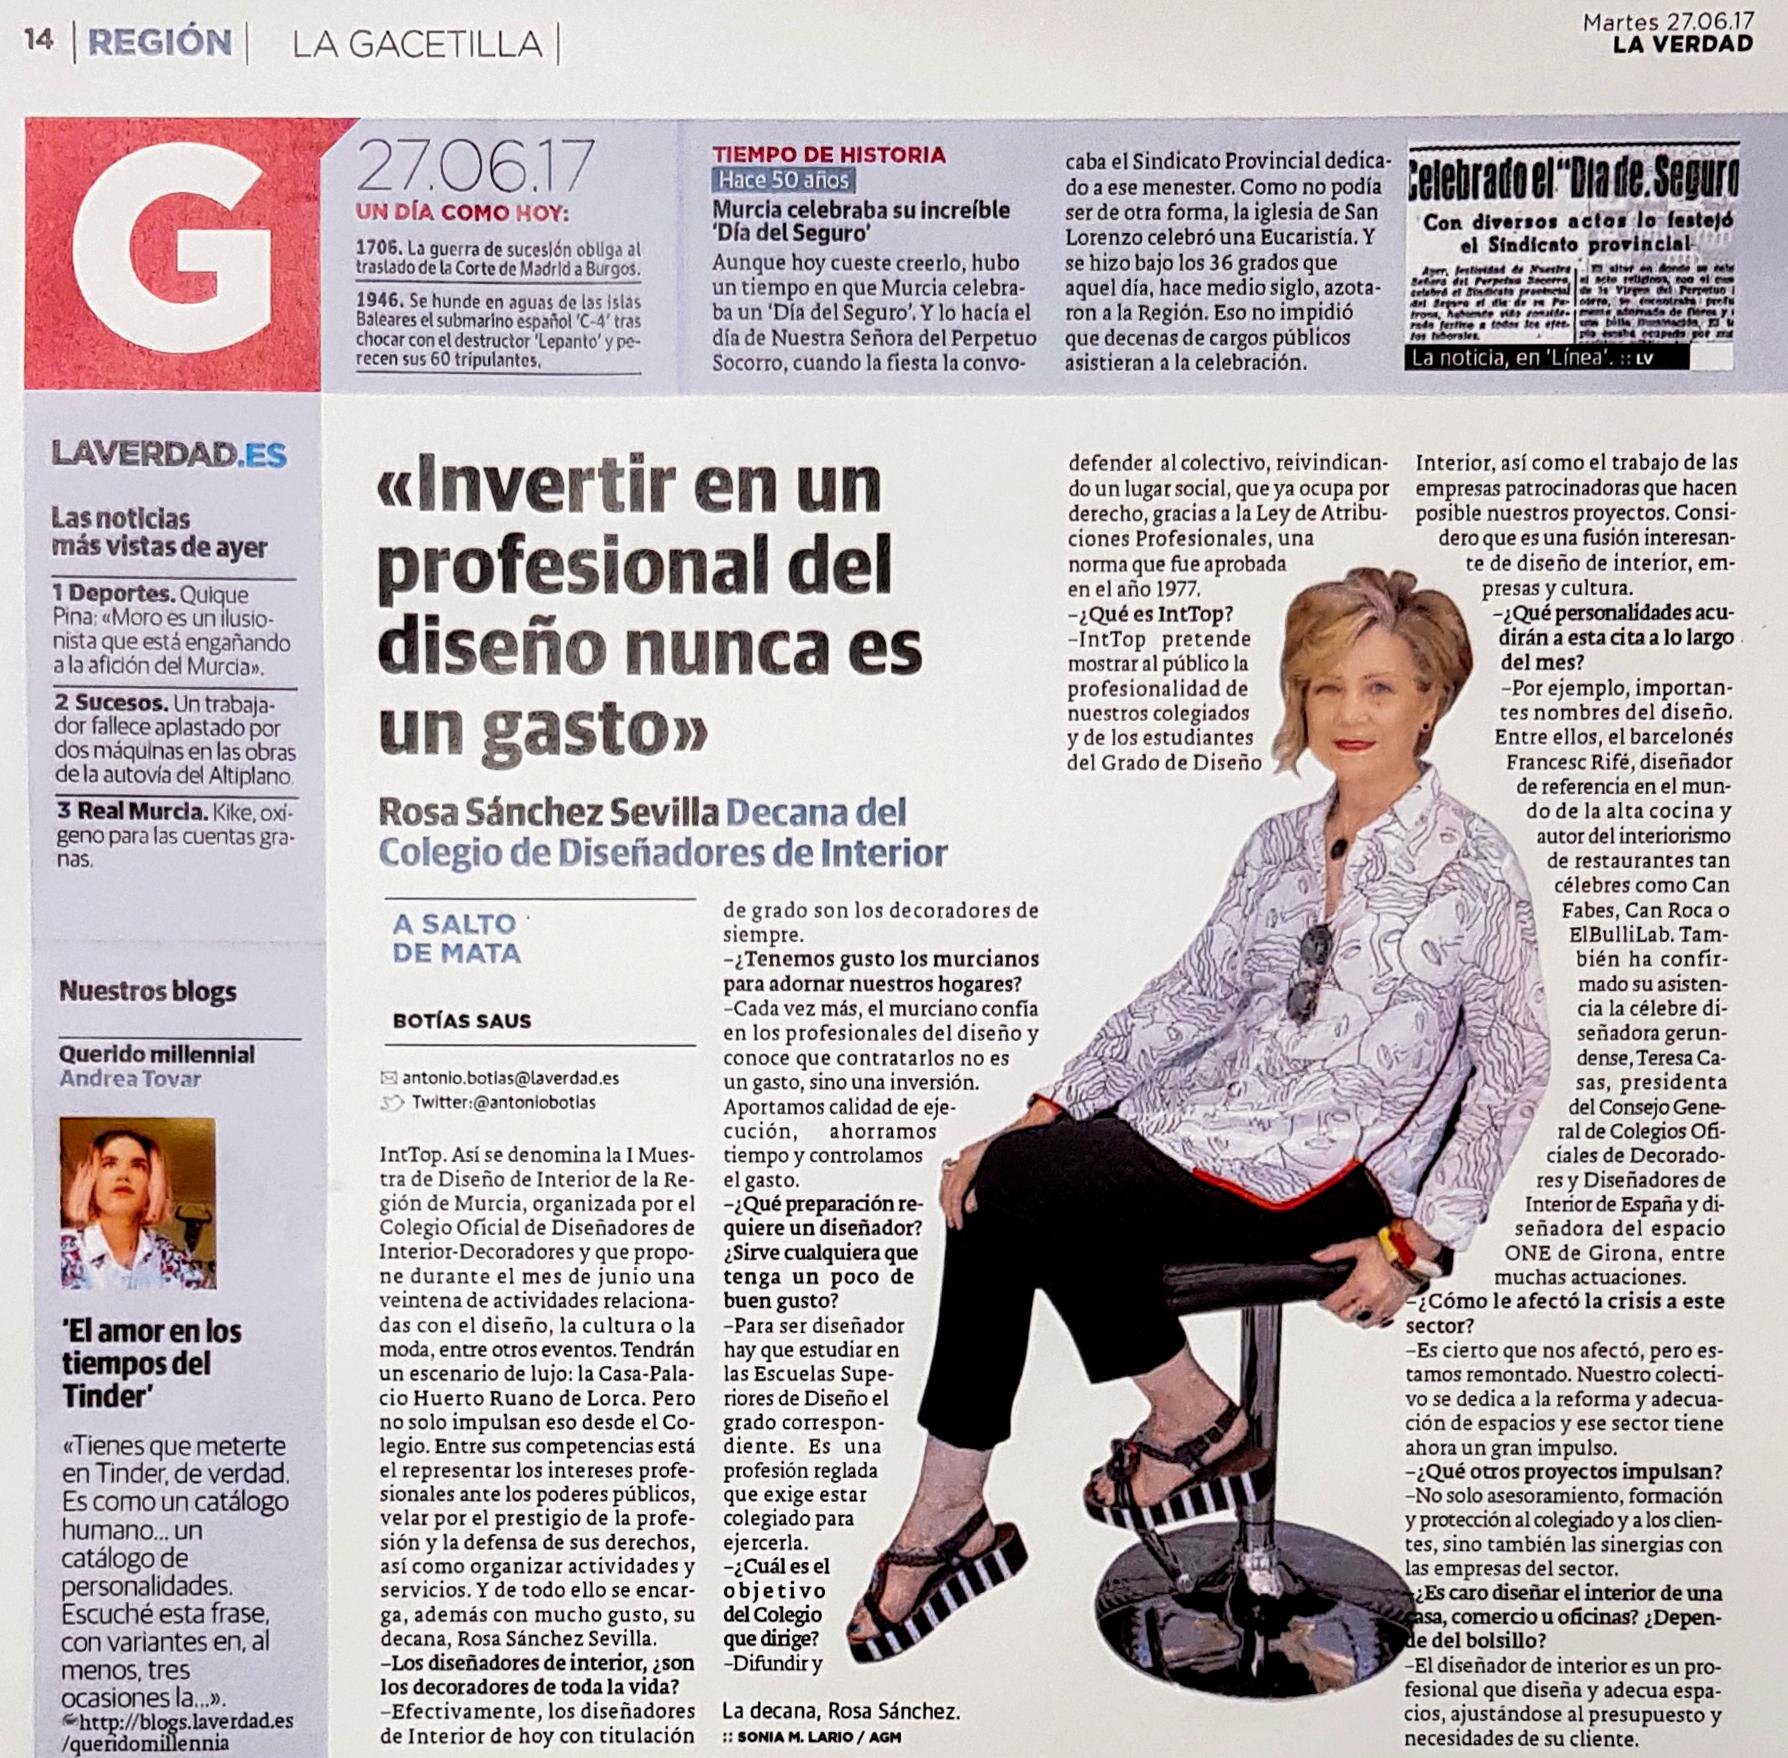 Entrevista a Rosa Sánchez en La Verdad Murcia